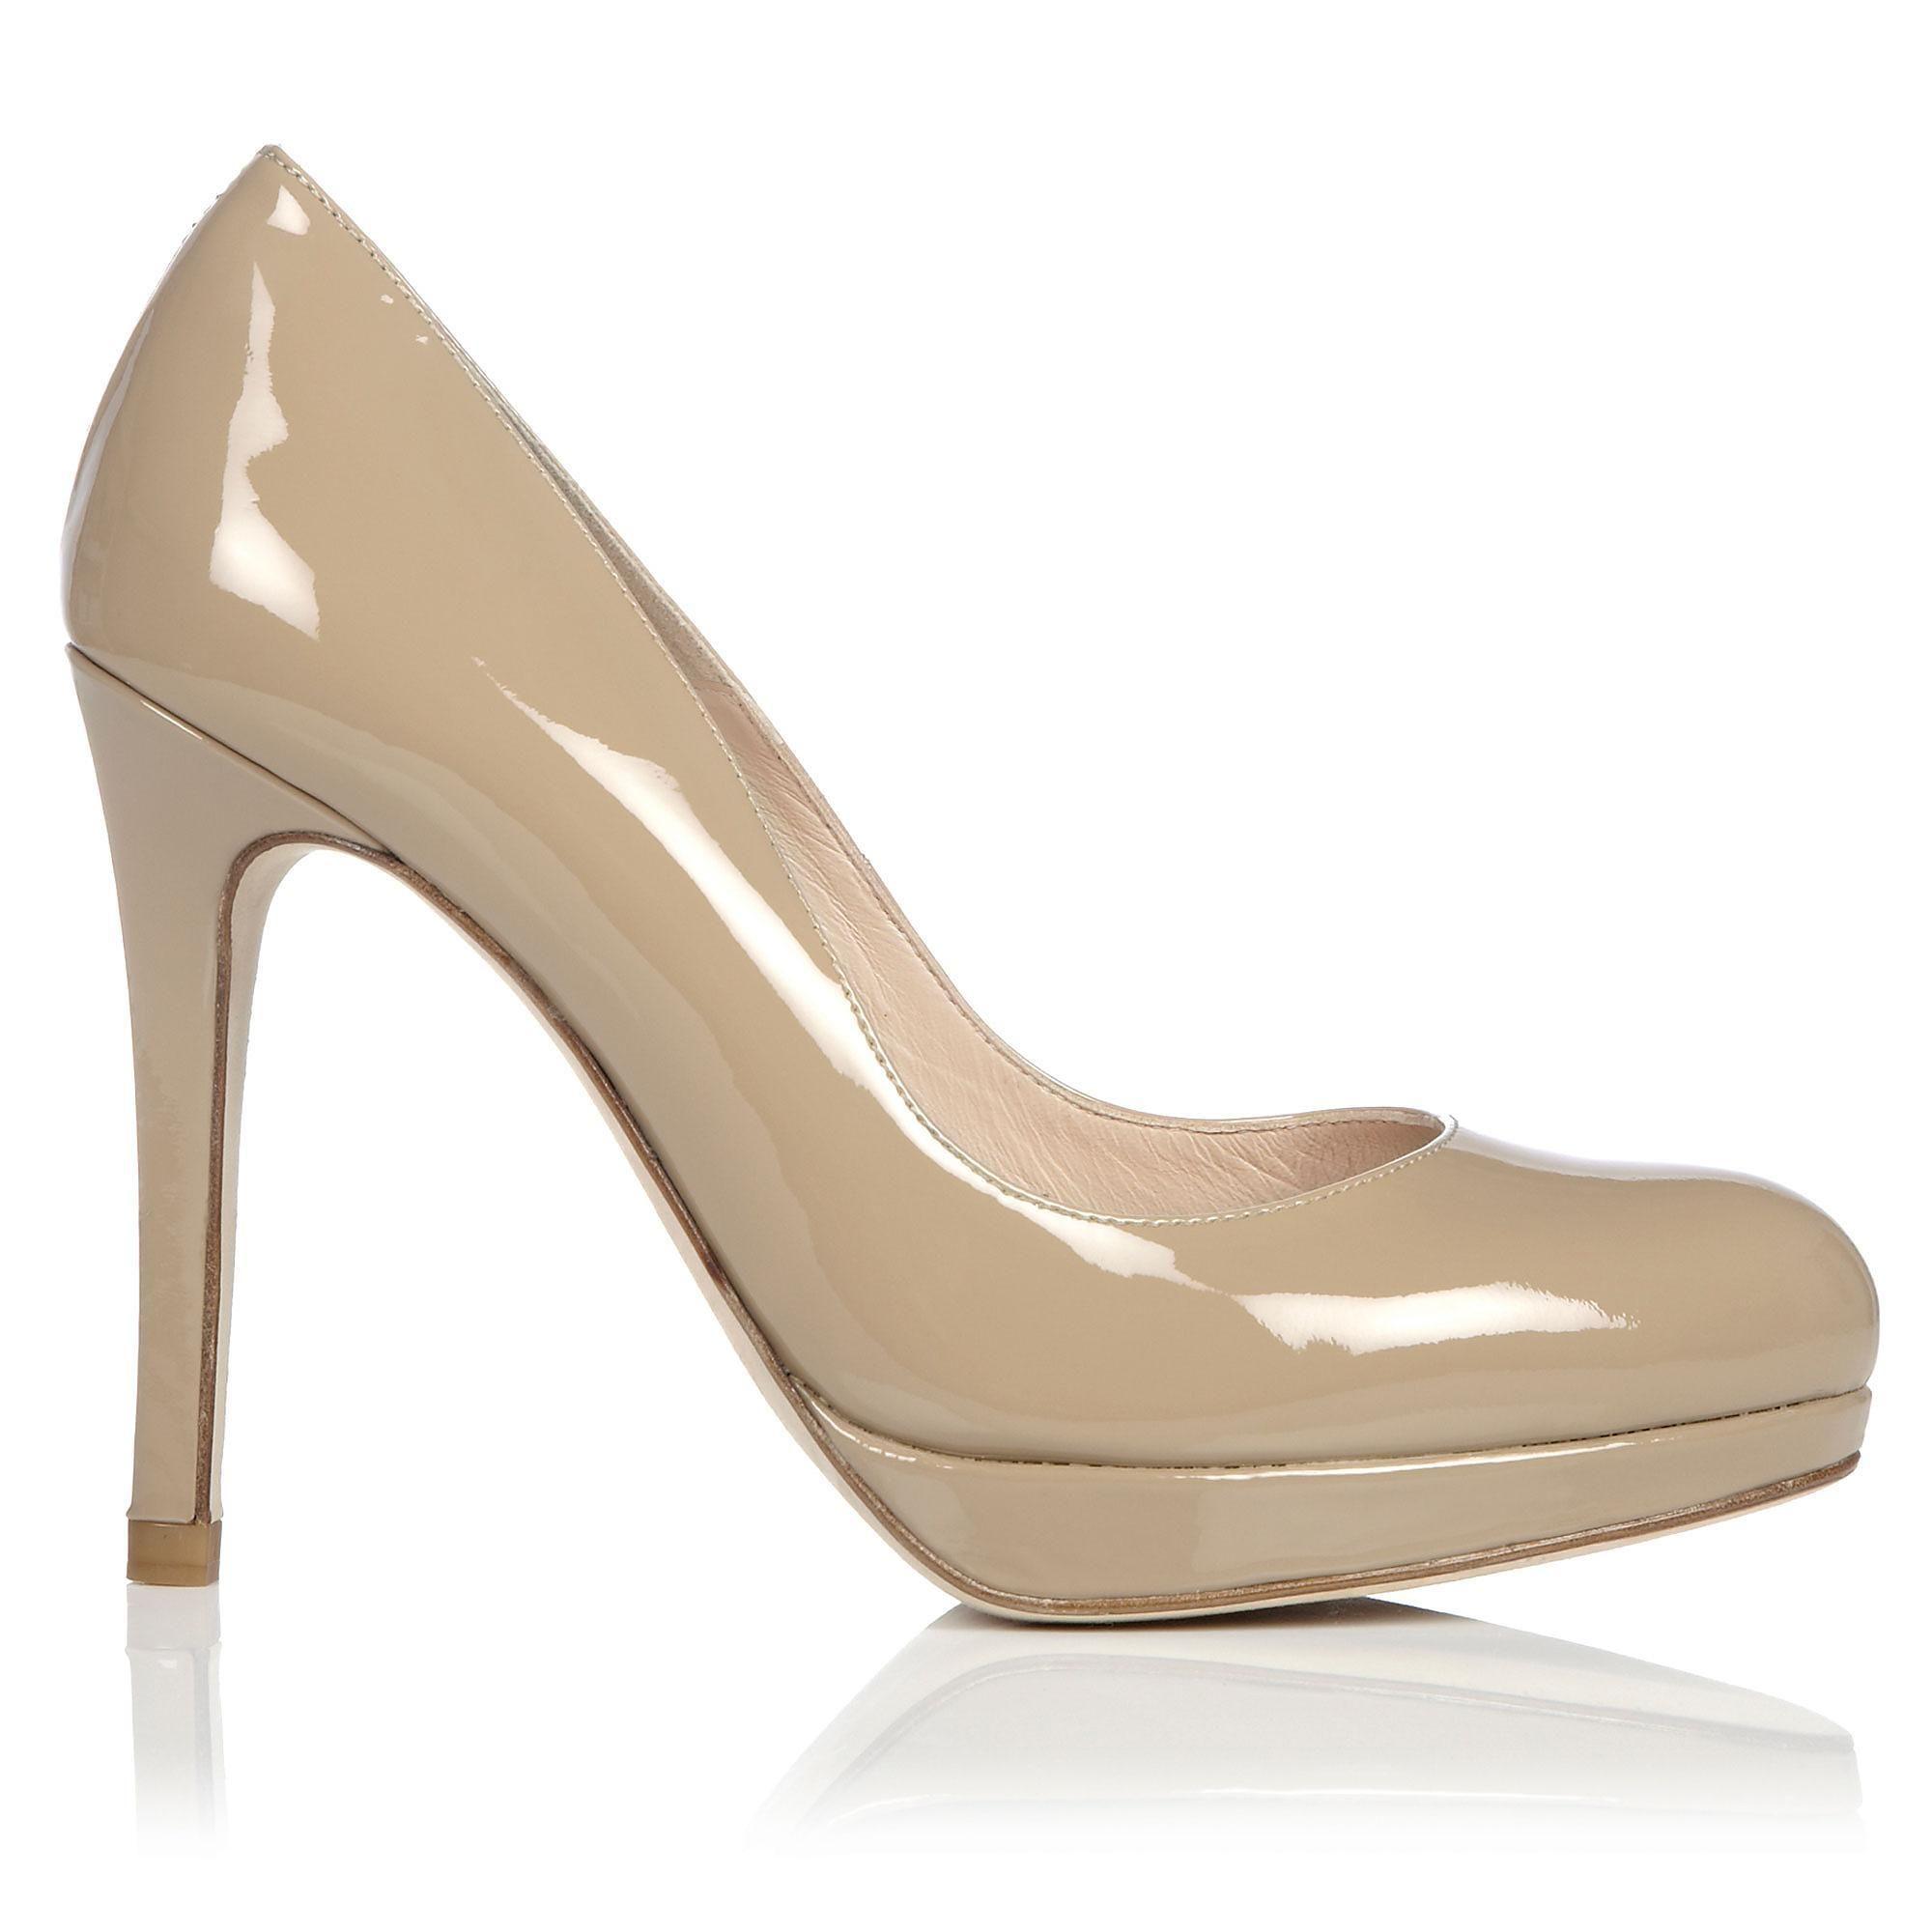 LK Bennett Sledge Patent Leather Pumps - Kate Middleton